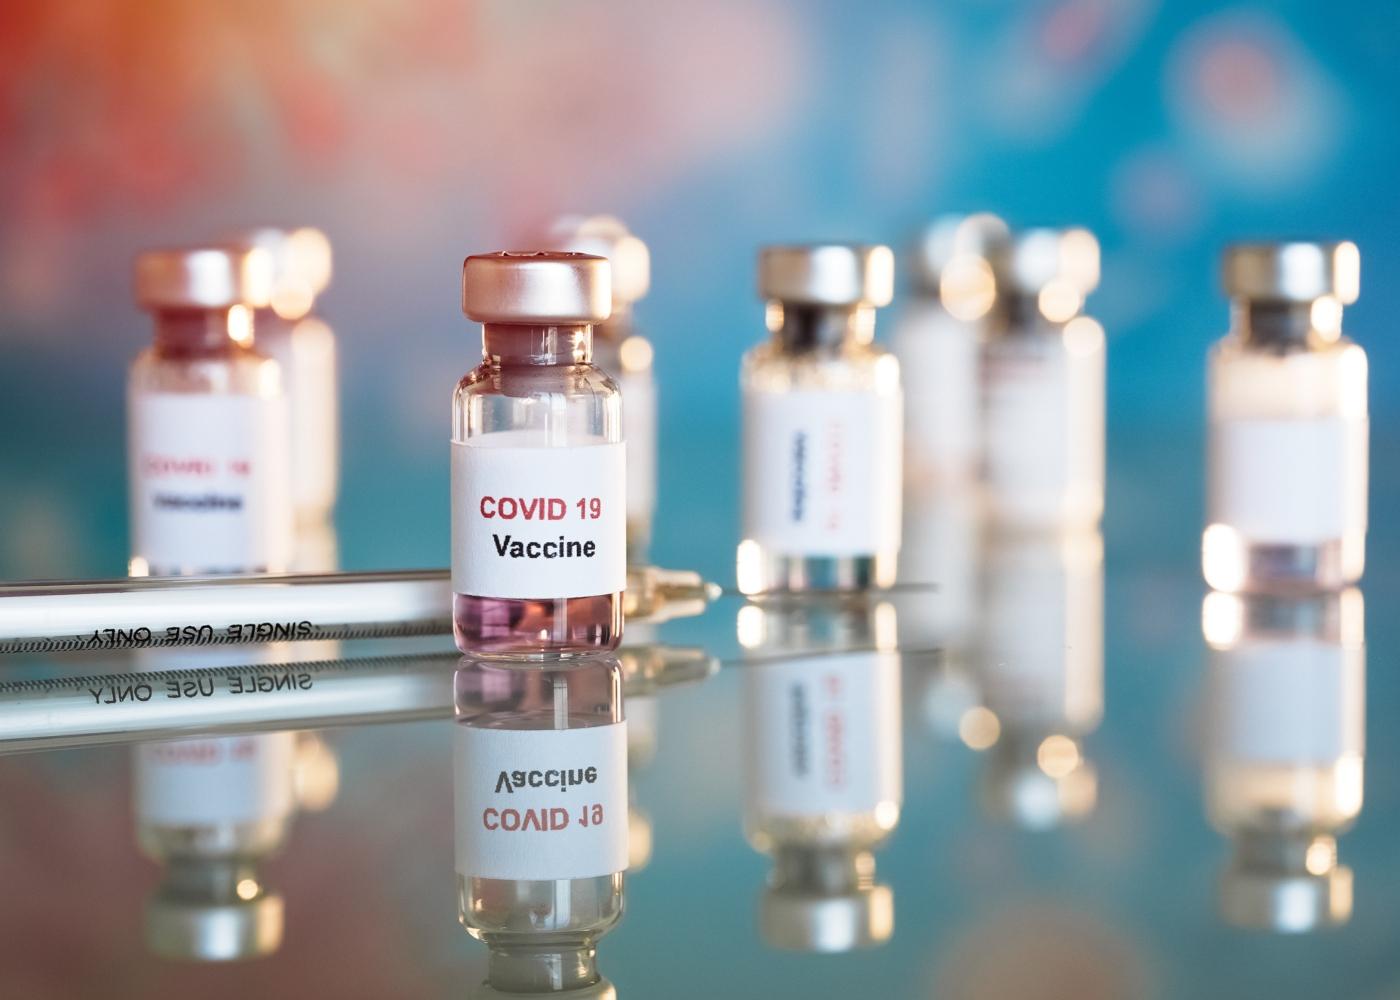 Frascos com vacina contra a COVID-19